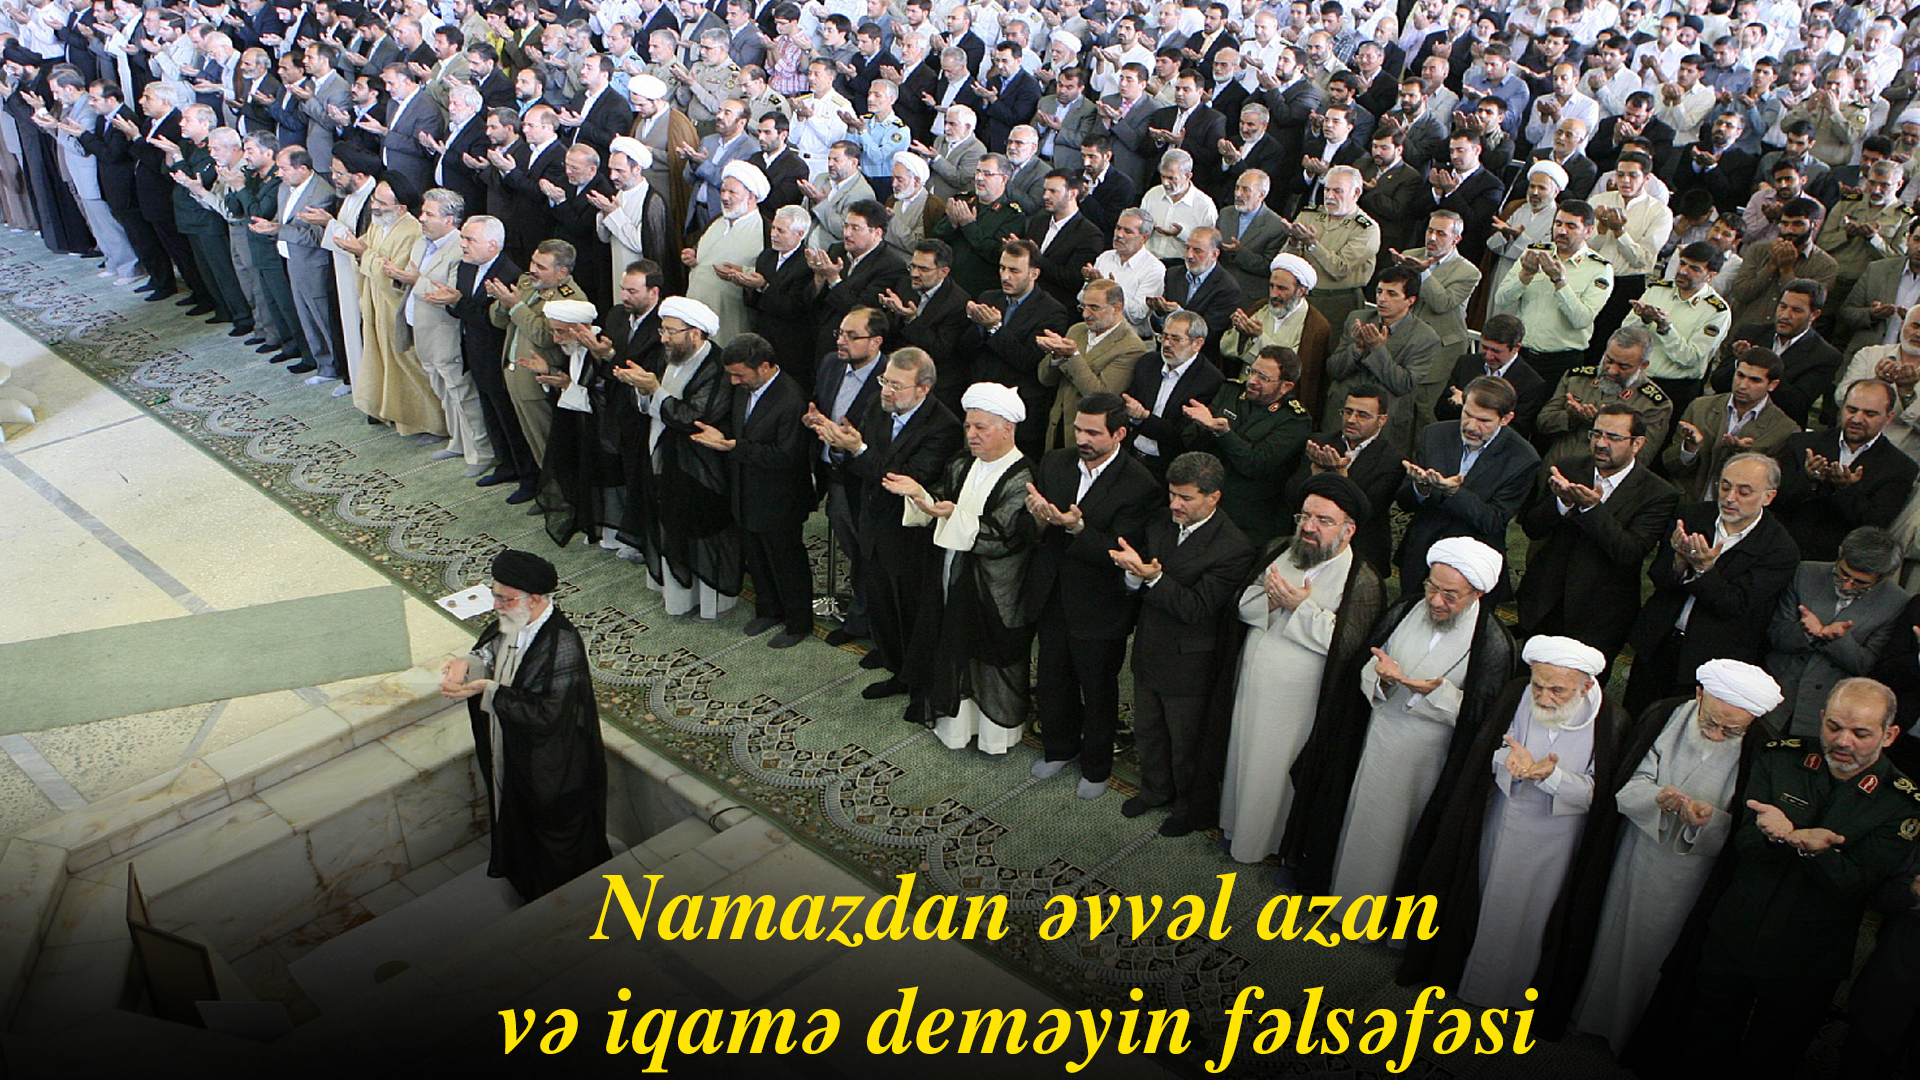 Namazdan əvvəl azan və iqamə deməyin fəlsəfəsi